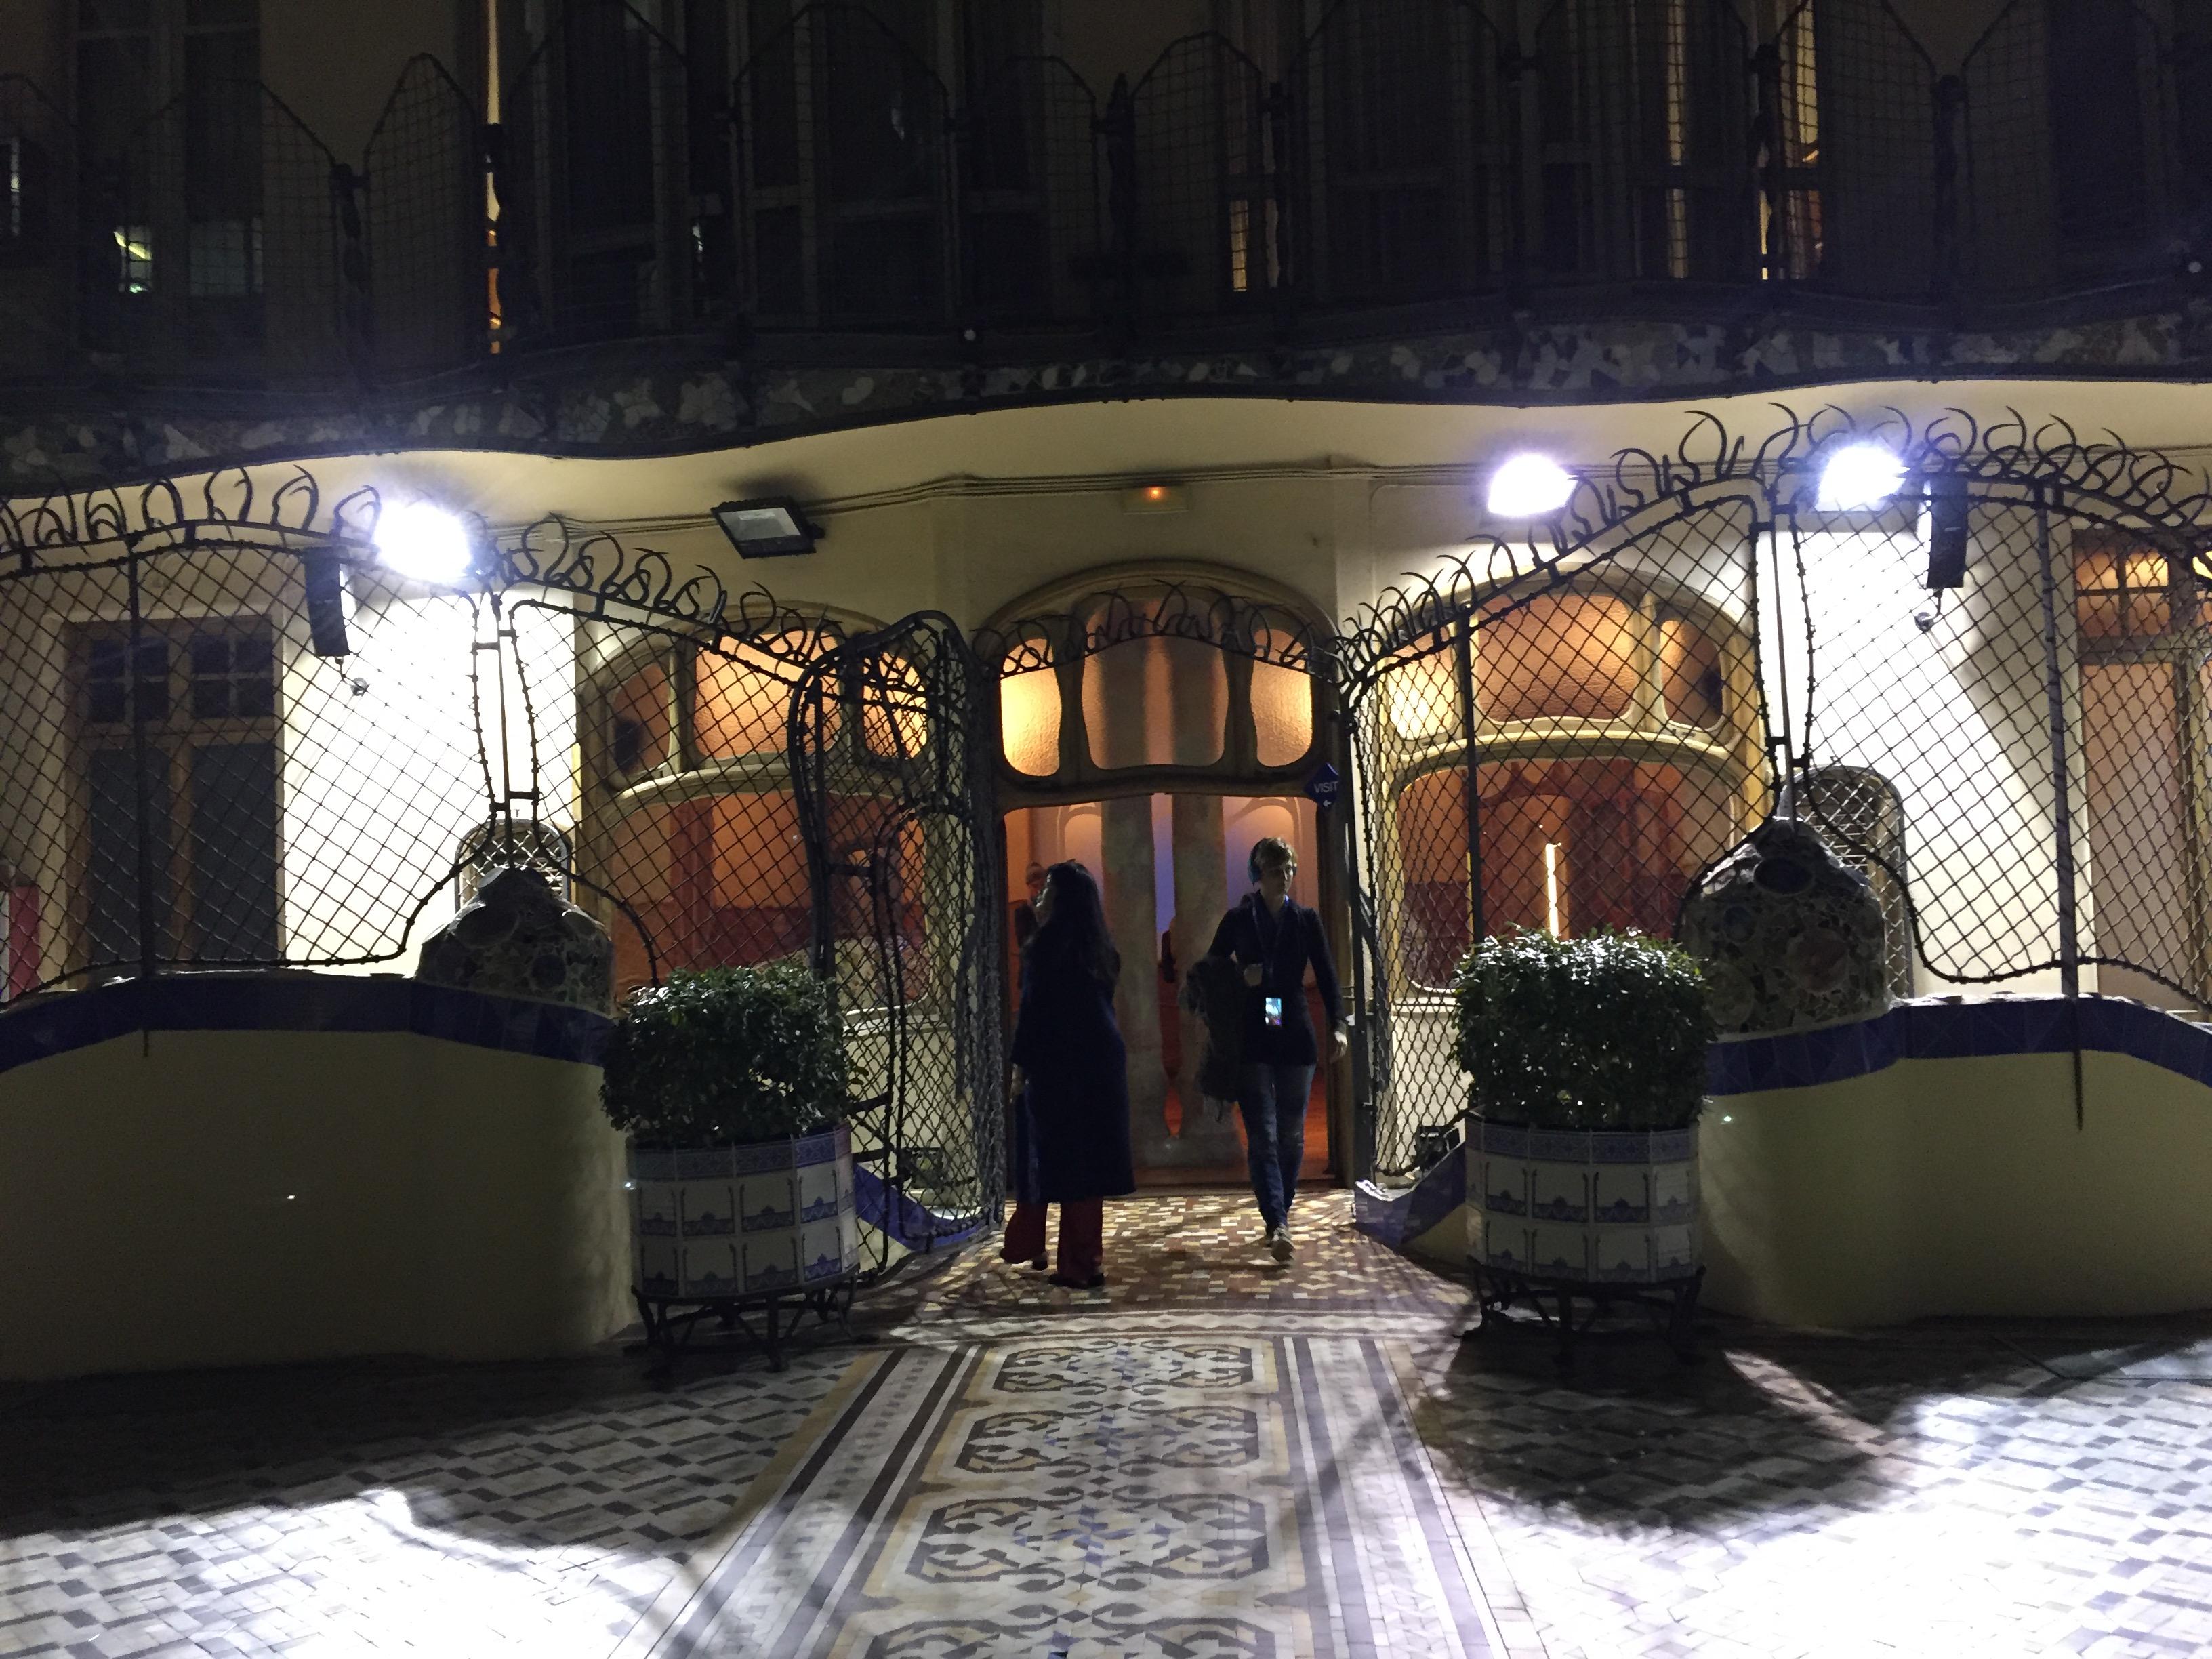 IMG 0868 - Visita a la Casa Batlló en Barcelona Parte II/II